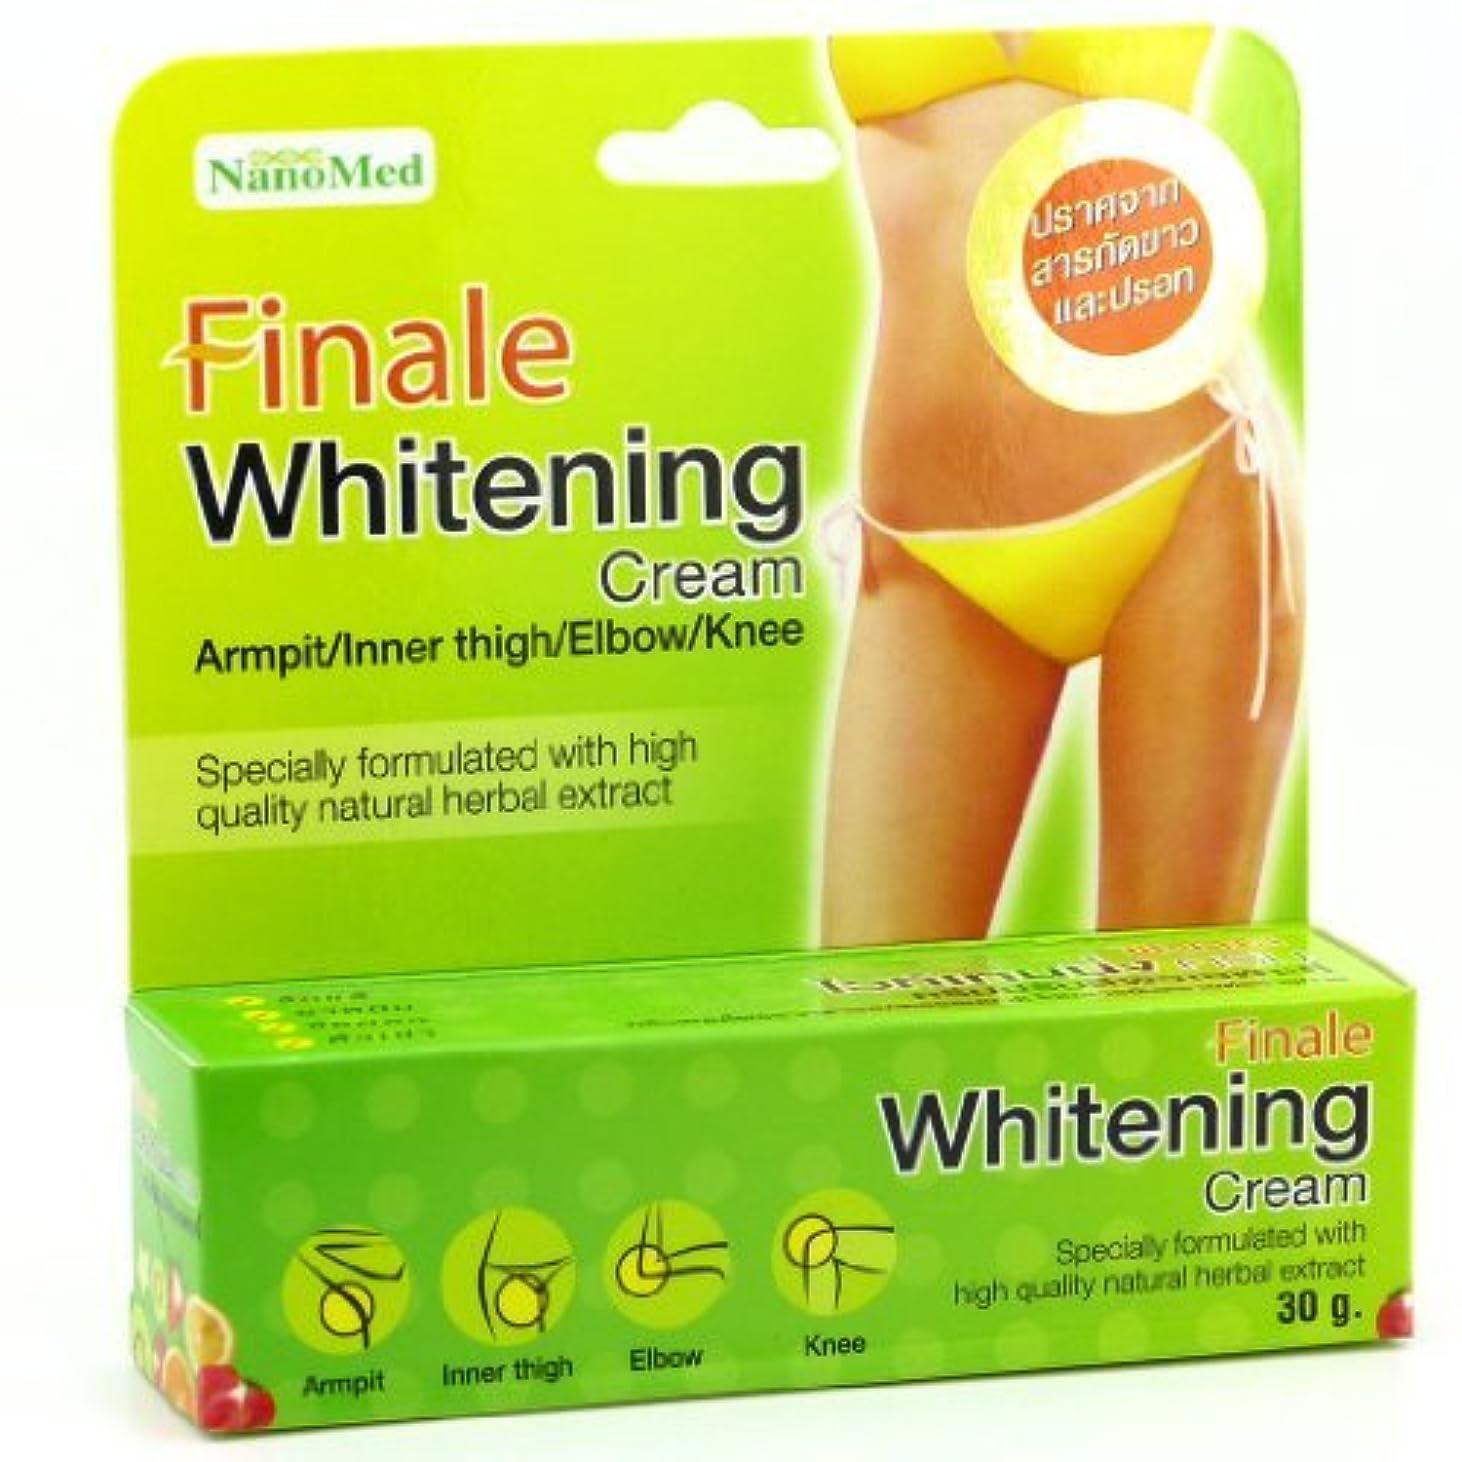 それに応じて漂流日?????????????????? Finale Whitening Cream 30g